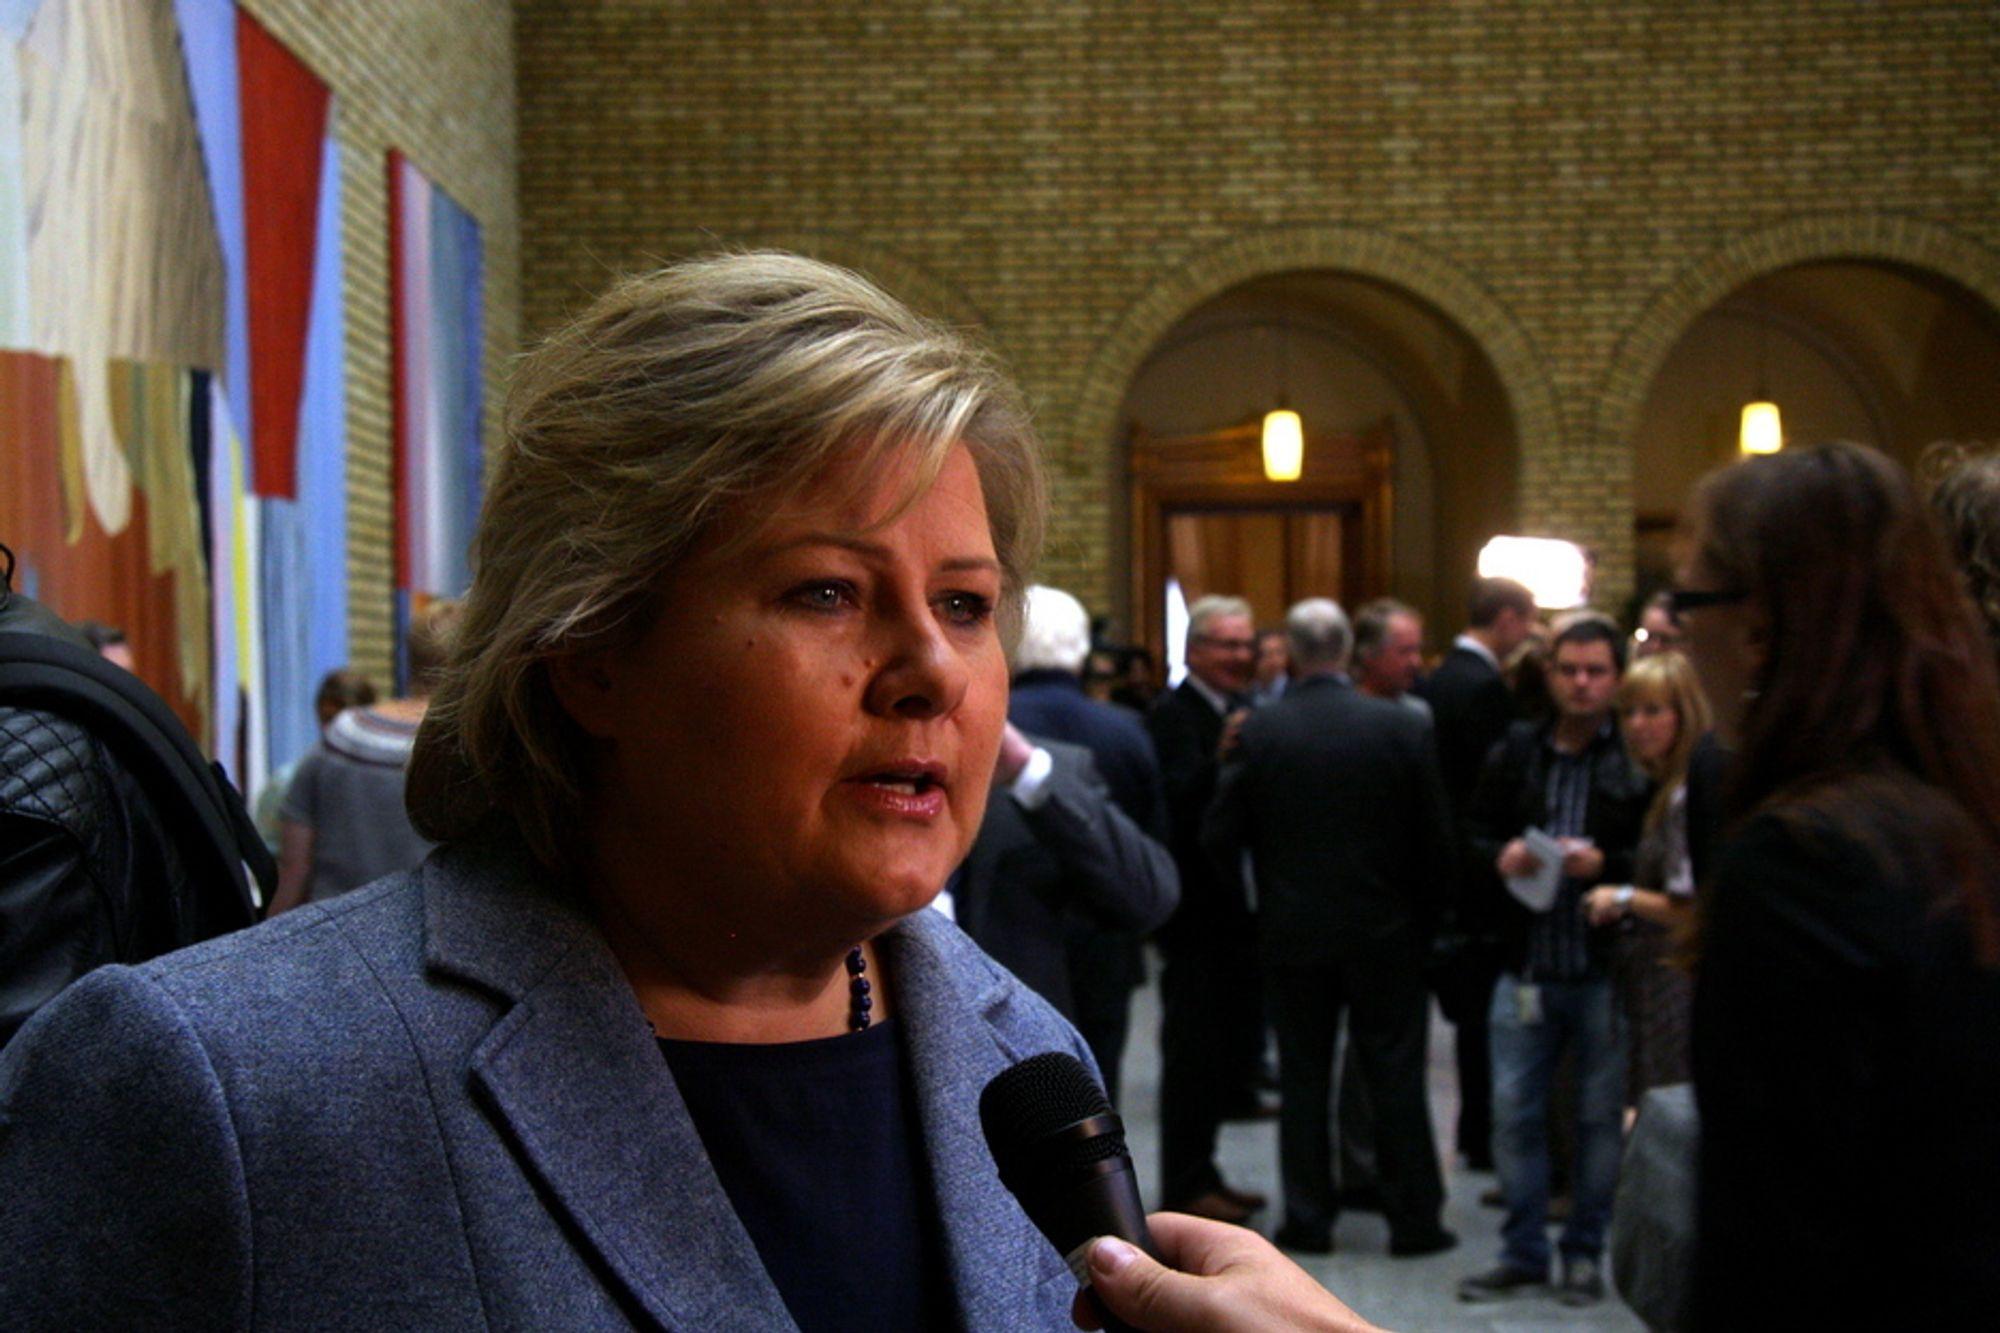 MANGLER INDUSTRIPOLITIKK: Høyre etterlyser en næringspolitikk fra regjeringen. I dag la de fram sitt alternative statsbudsjett.